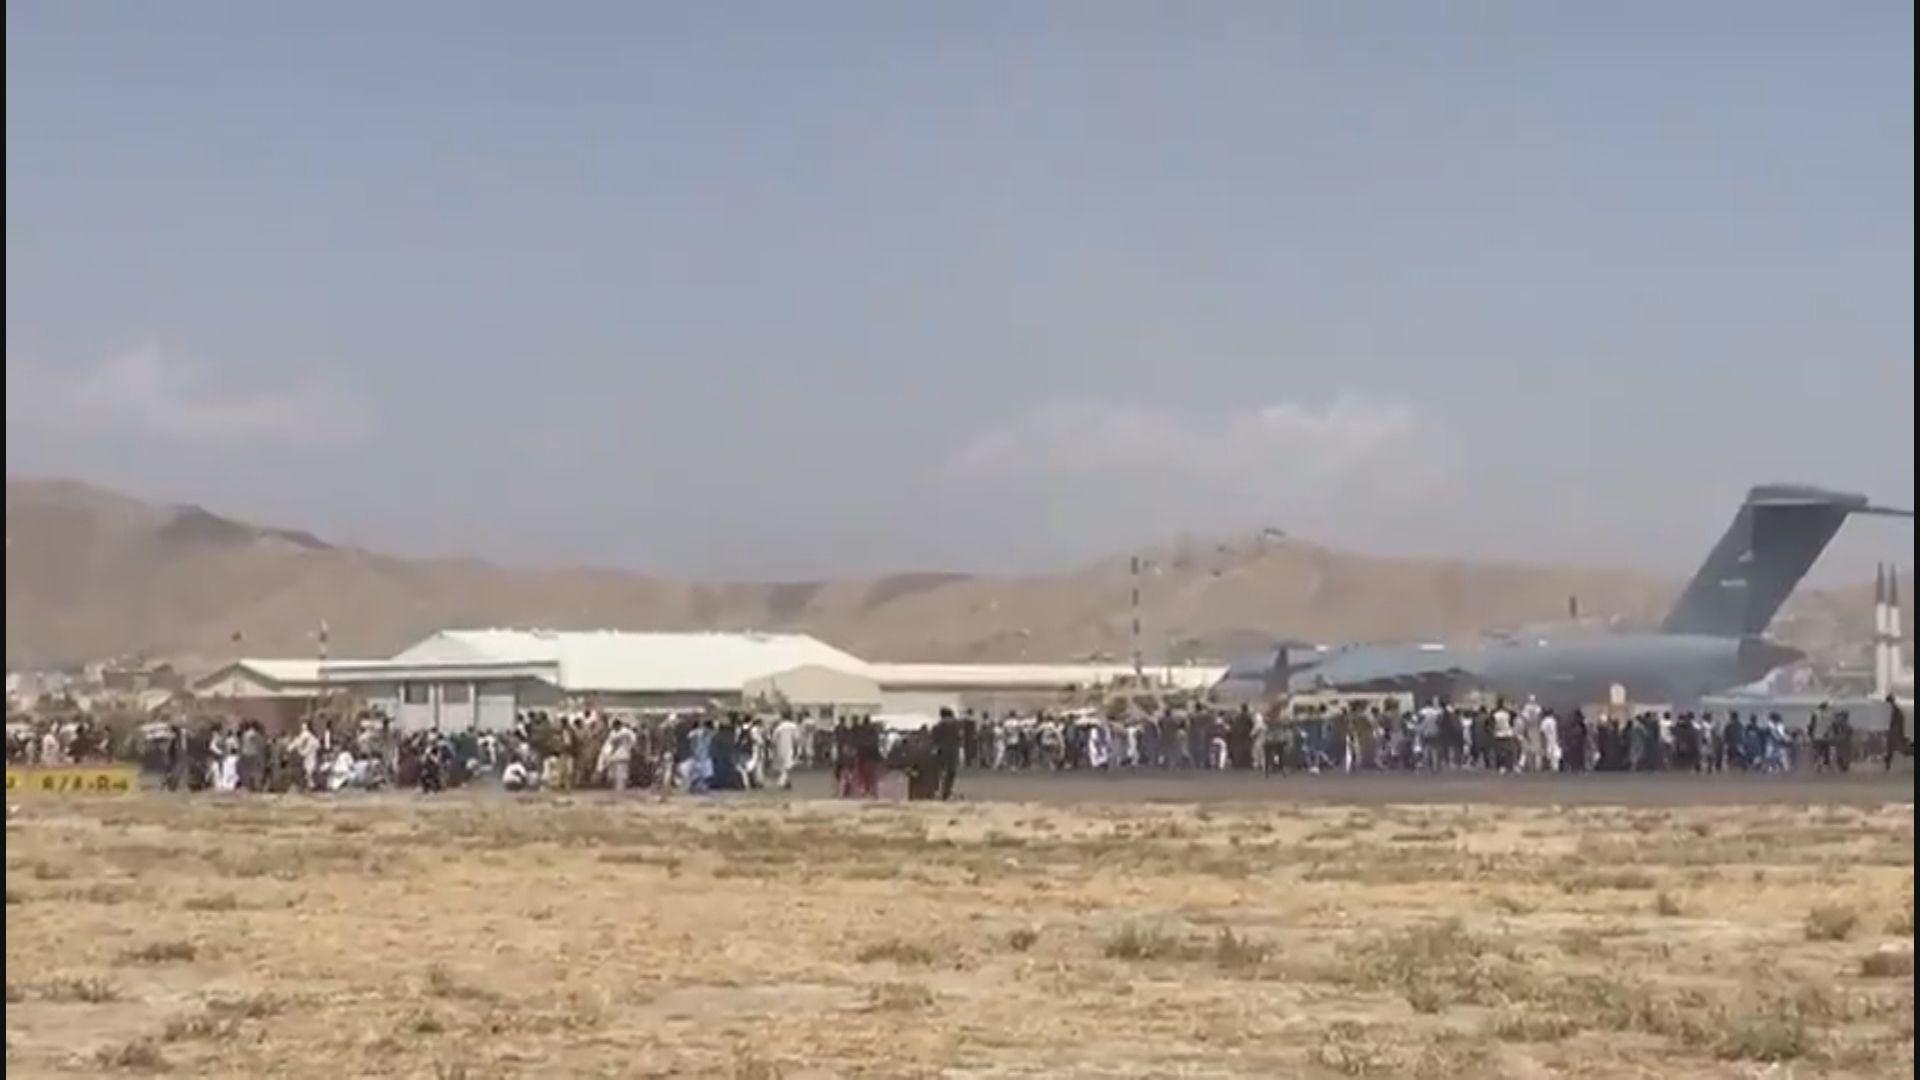 阿富汗民眾湧向喀布爾機場觸發混亂 據報美軍擊斃兩名持械男人